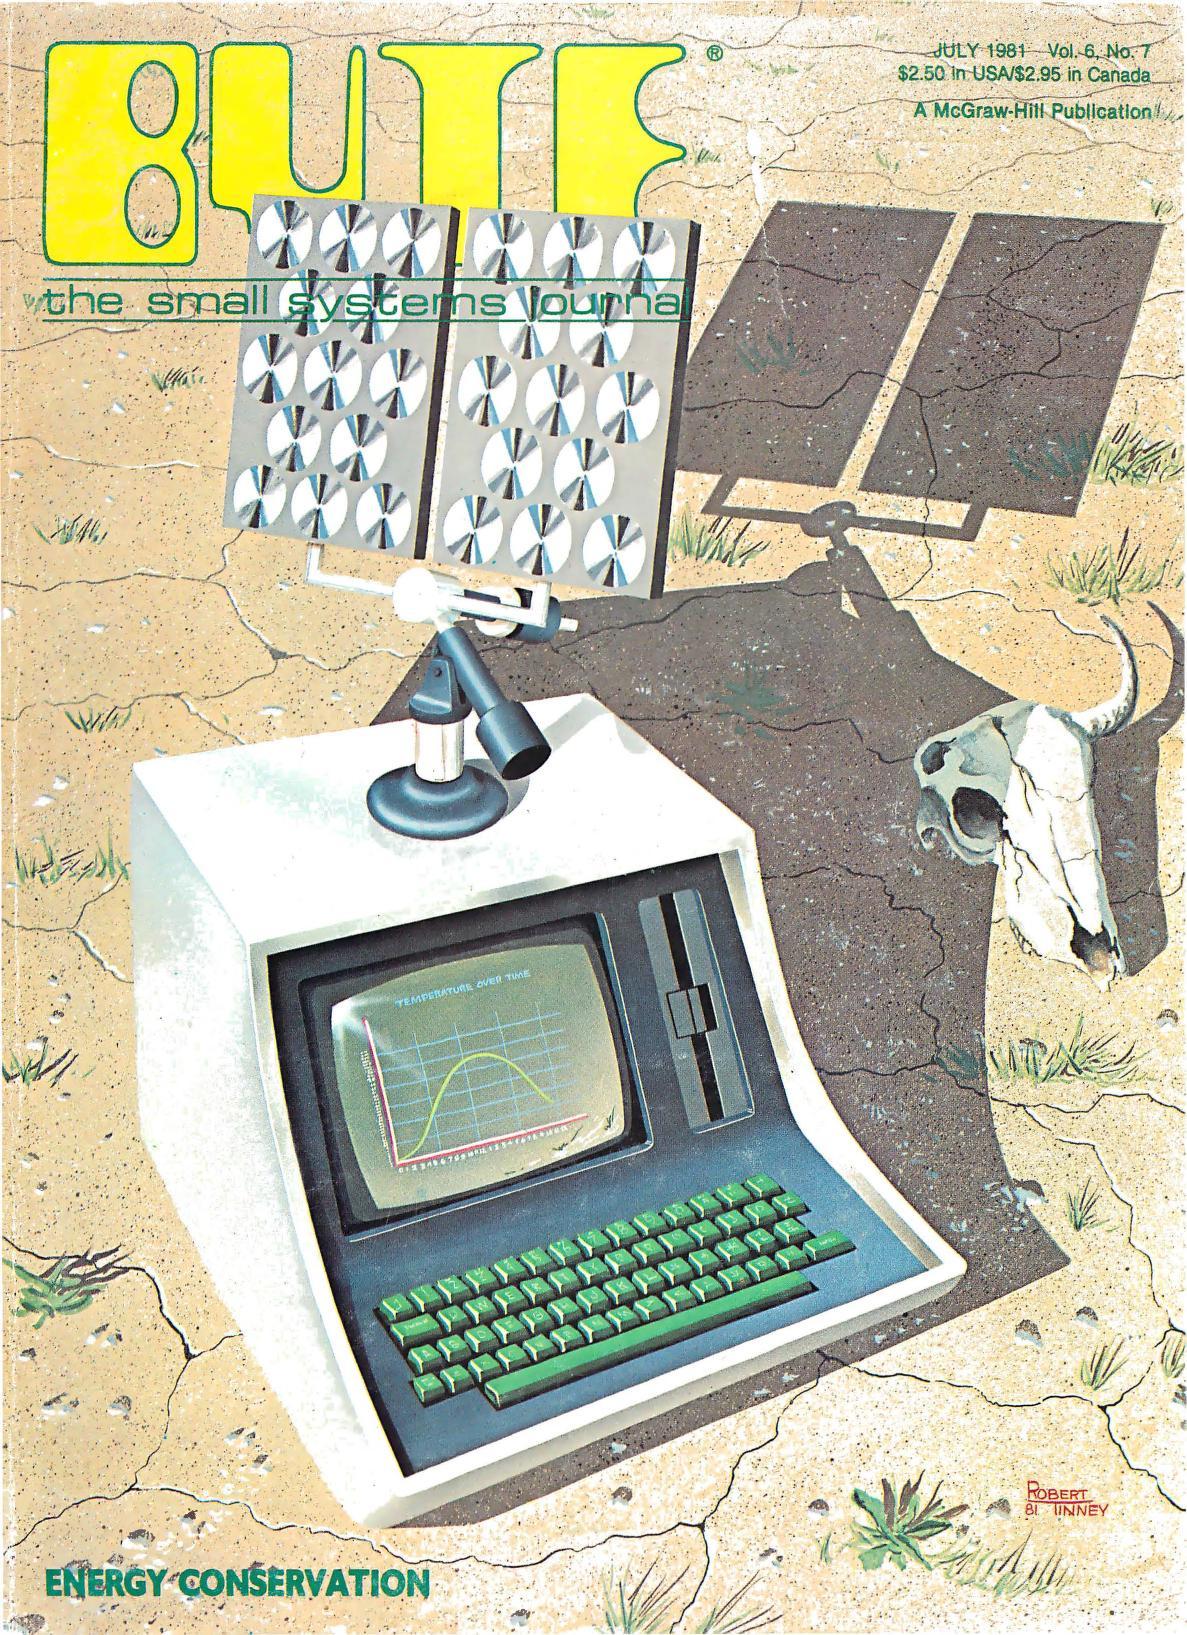 Juli 1981. Malt av Robert Tinney. I dette nummeret finner vi flere artikler om energisparing og -måling, samt solcellesystemer og -simuleringer.